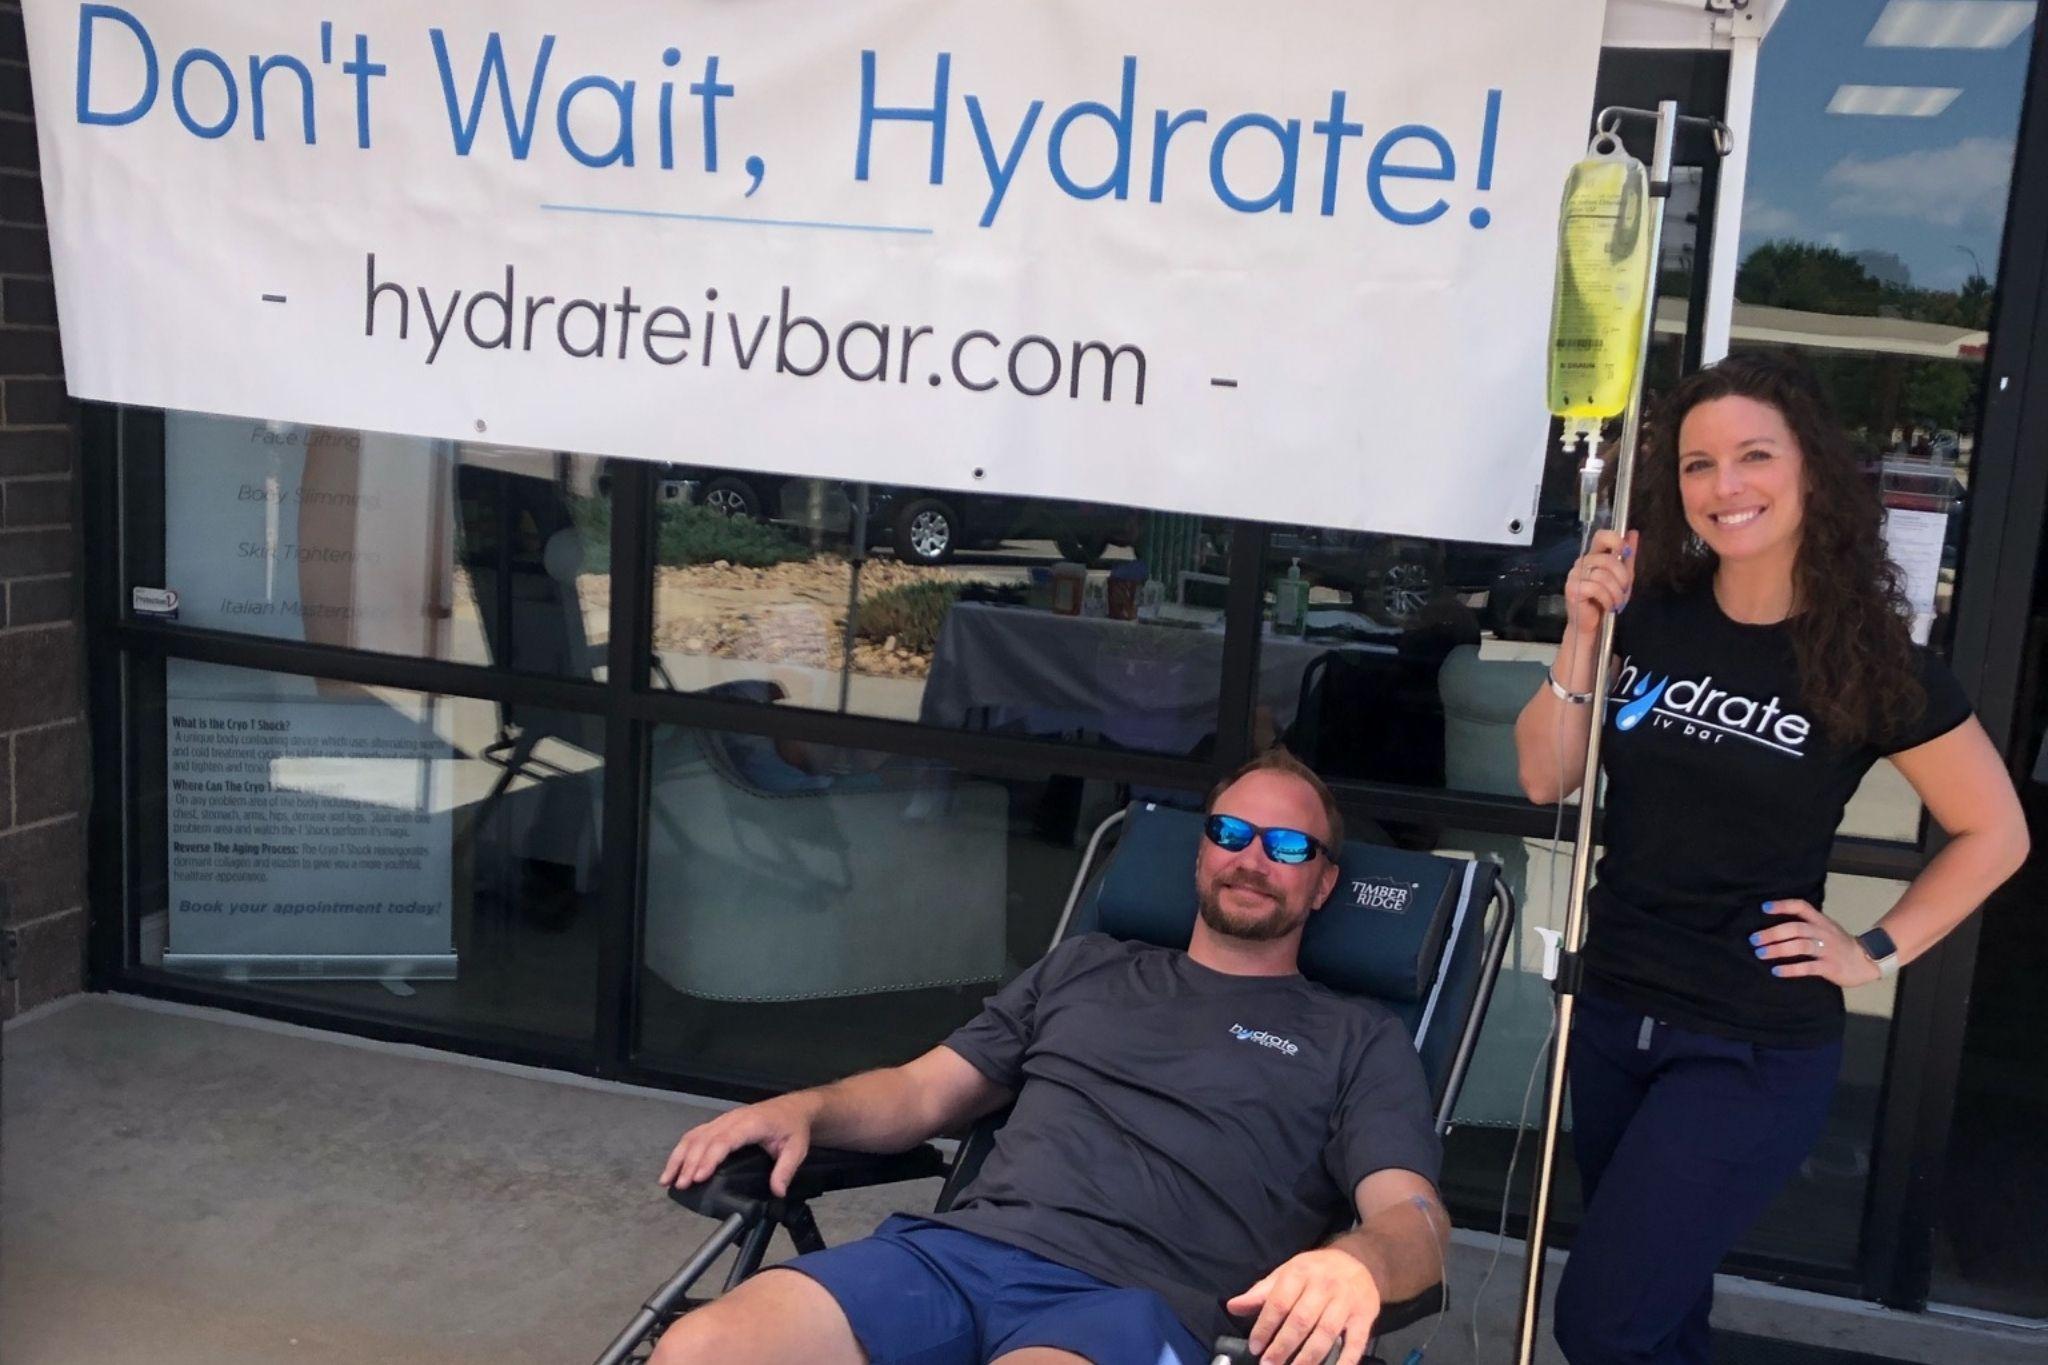 Hydrate IV Bar Membership